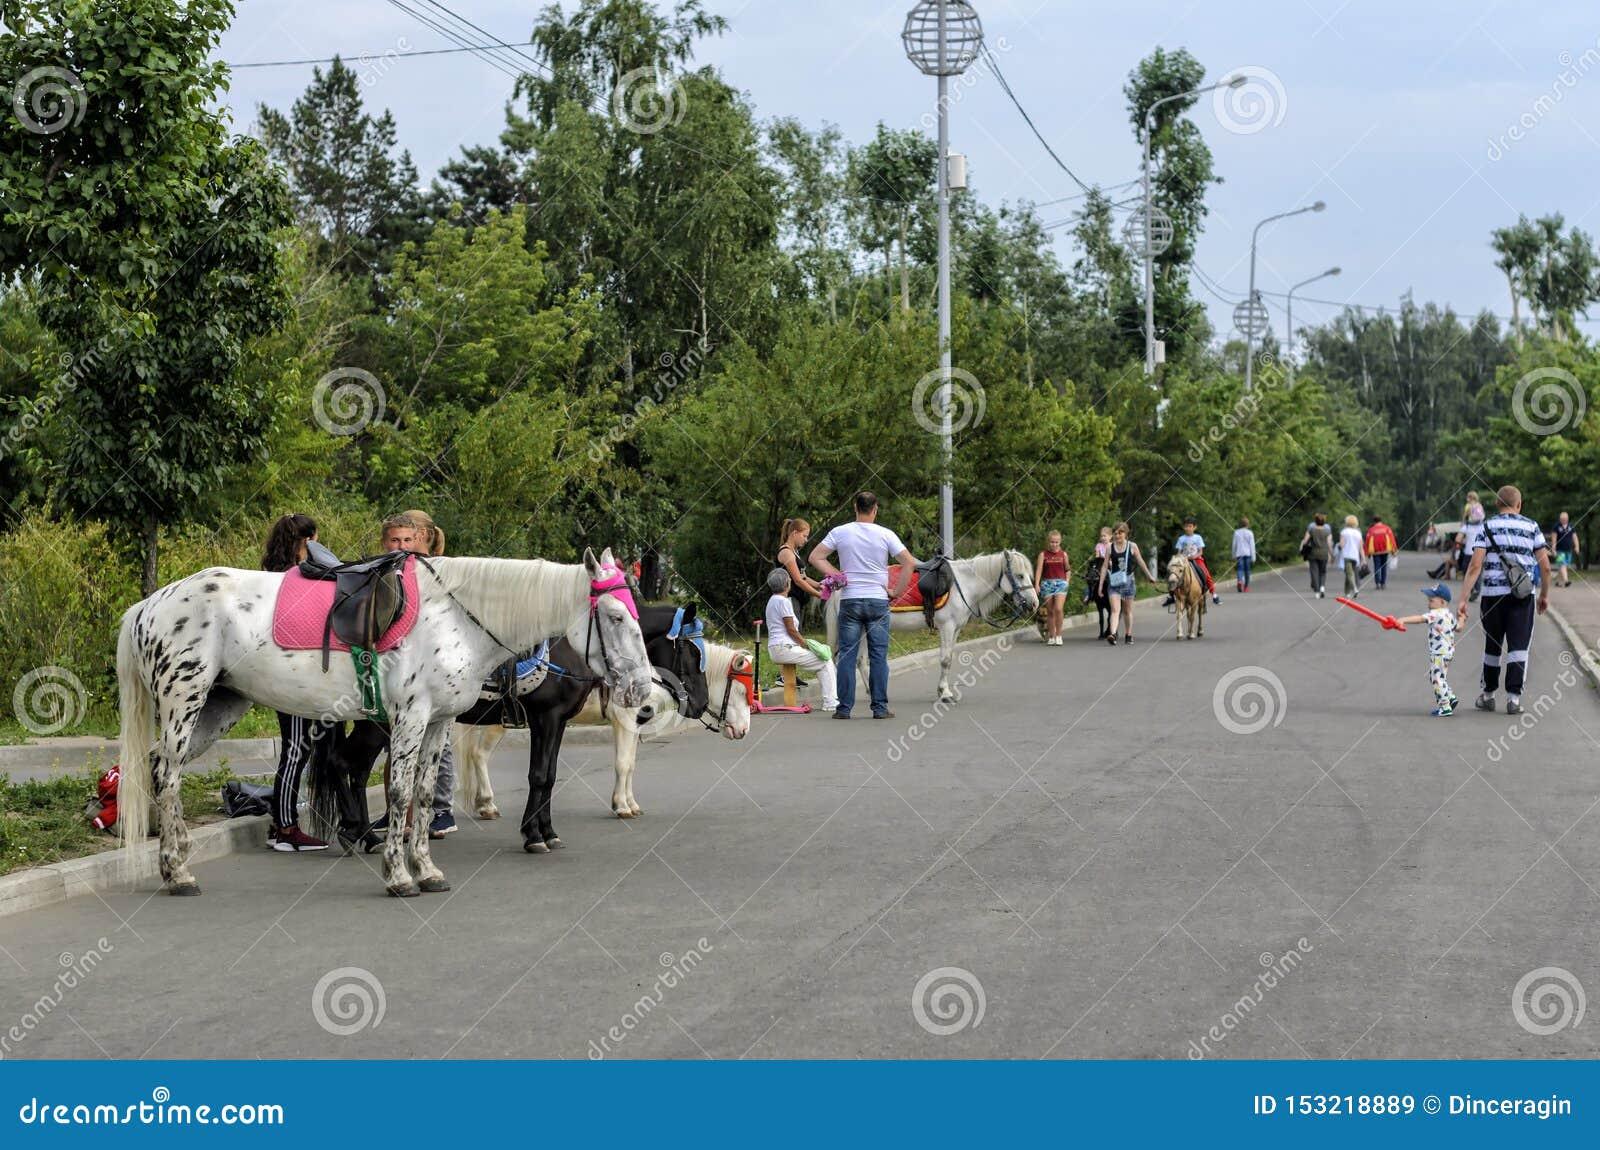 ИРКУТСК, РОССИЯ - 15-ОЕ ИЮЛЯ 2019: Люди идут на улицу около лошадей